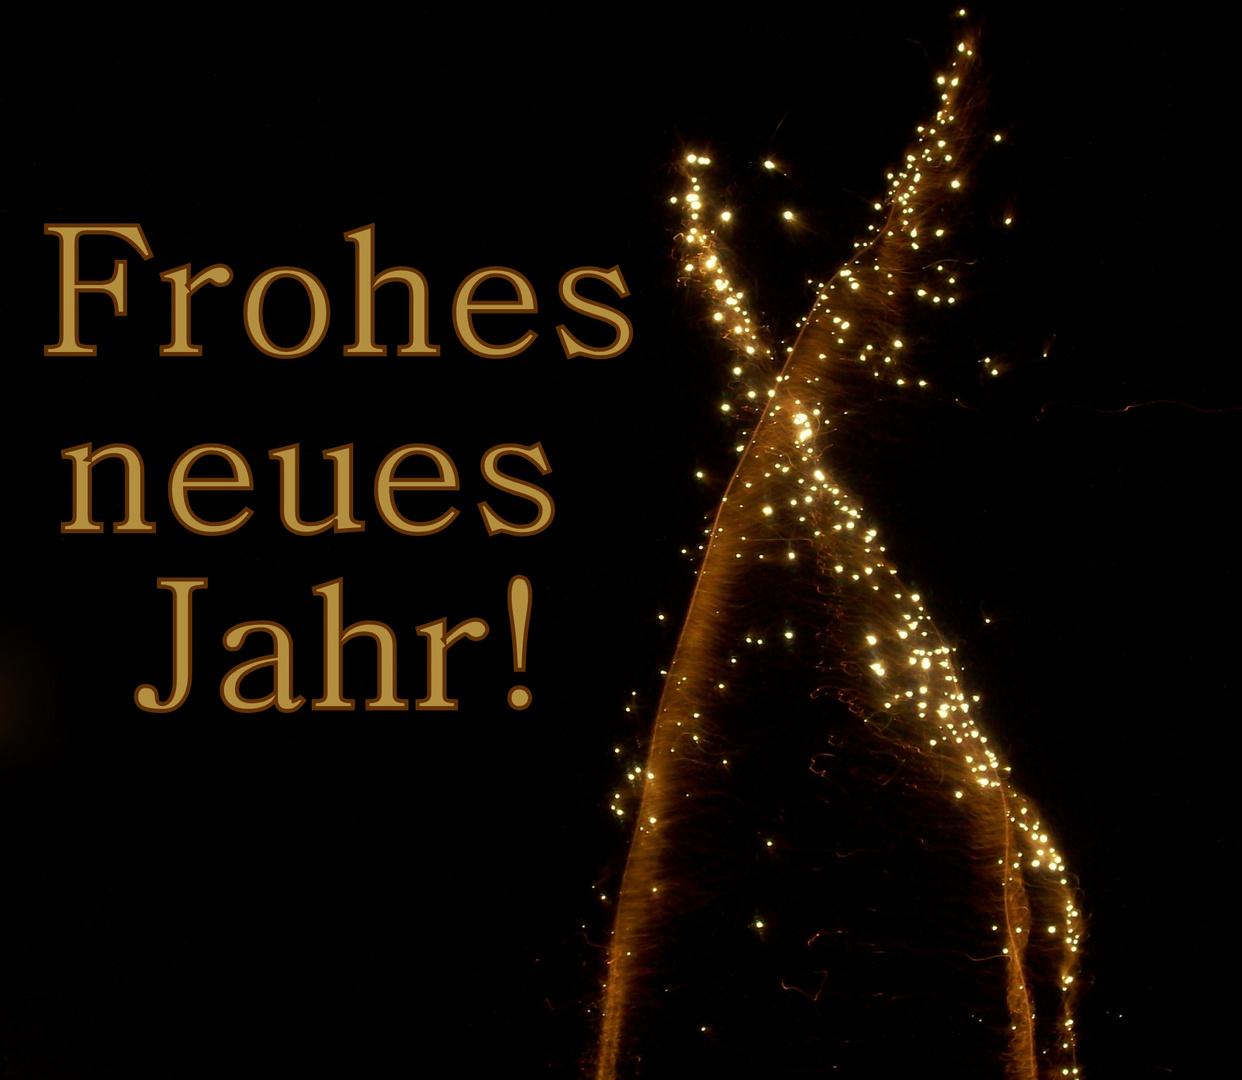 Frohes neues Jahr! Foto & Bild | karten und kalender ...